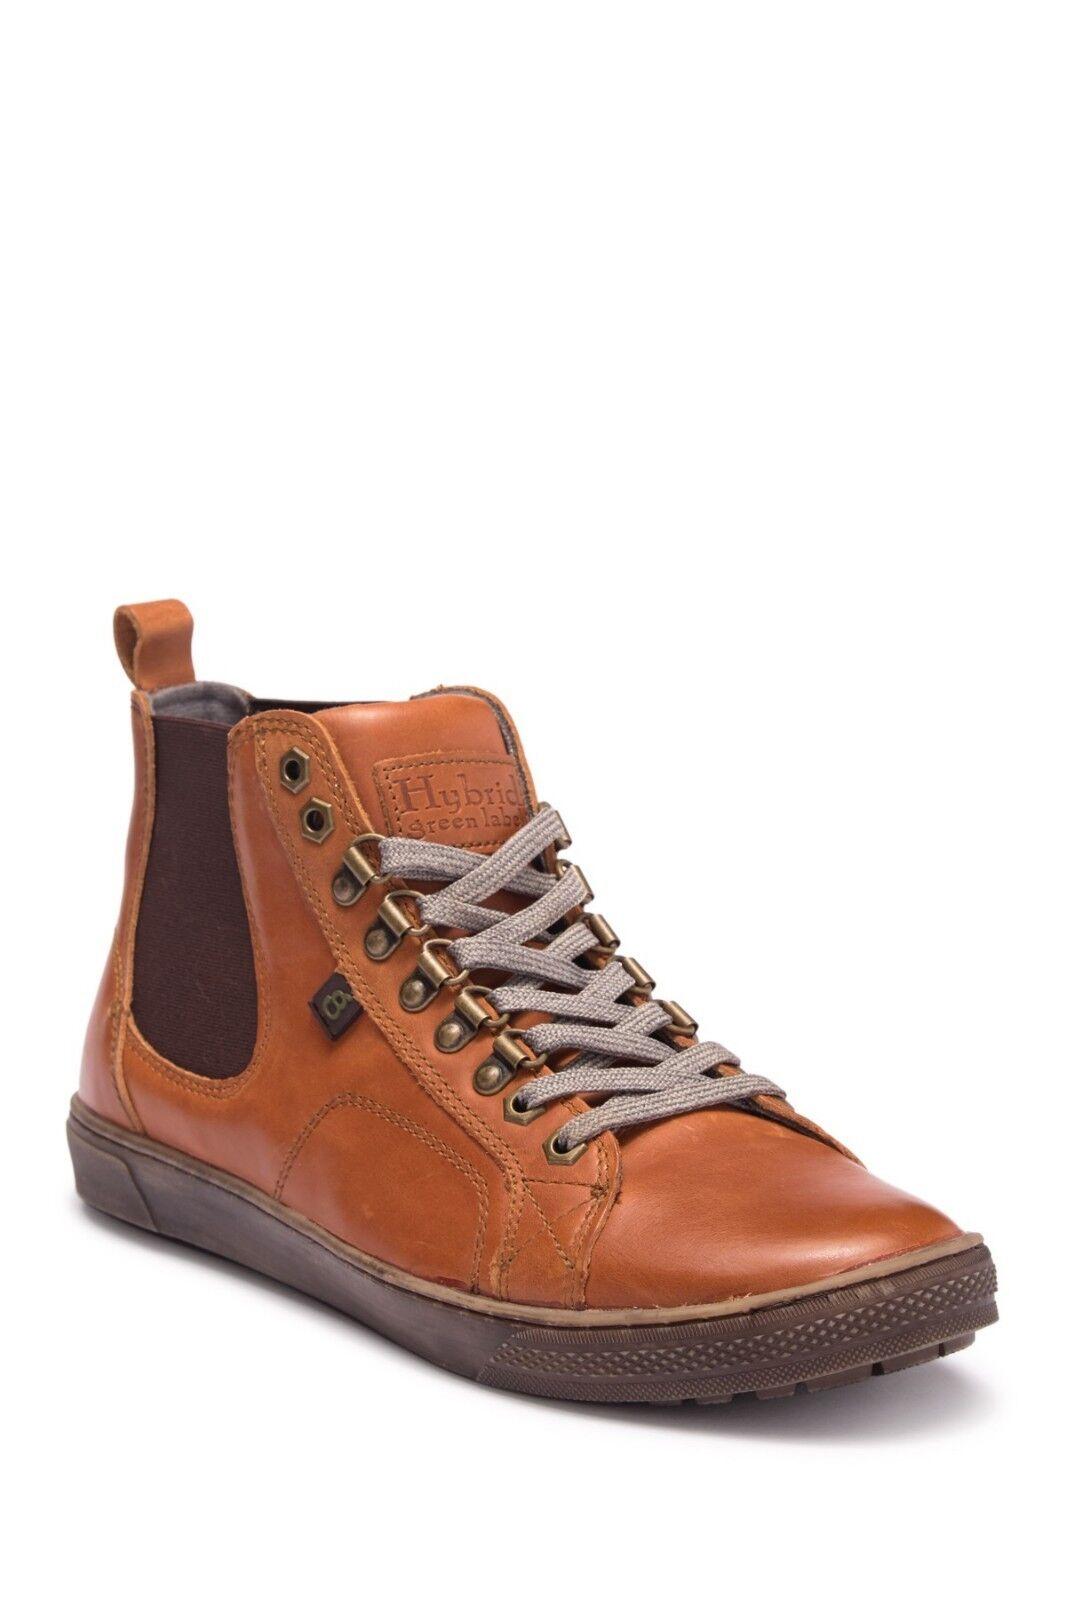 Nuevas botas de cuero industrial Label Híbrido verde Para hombres Zapatos